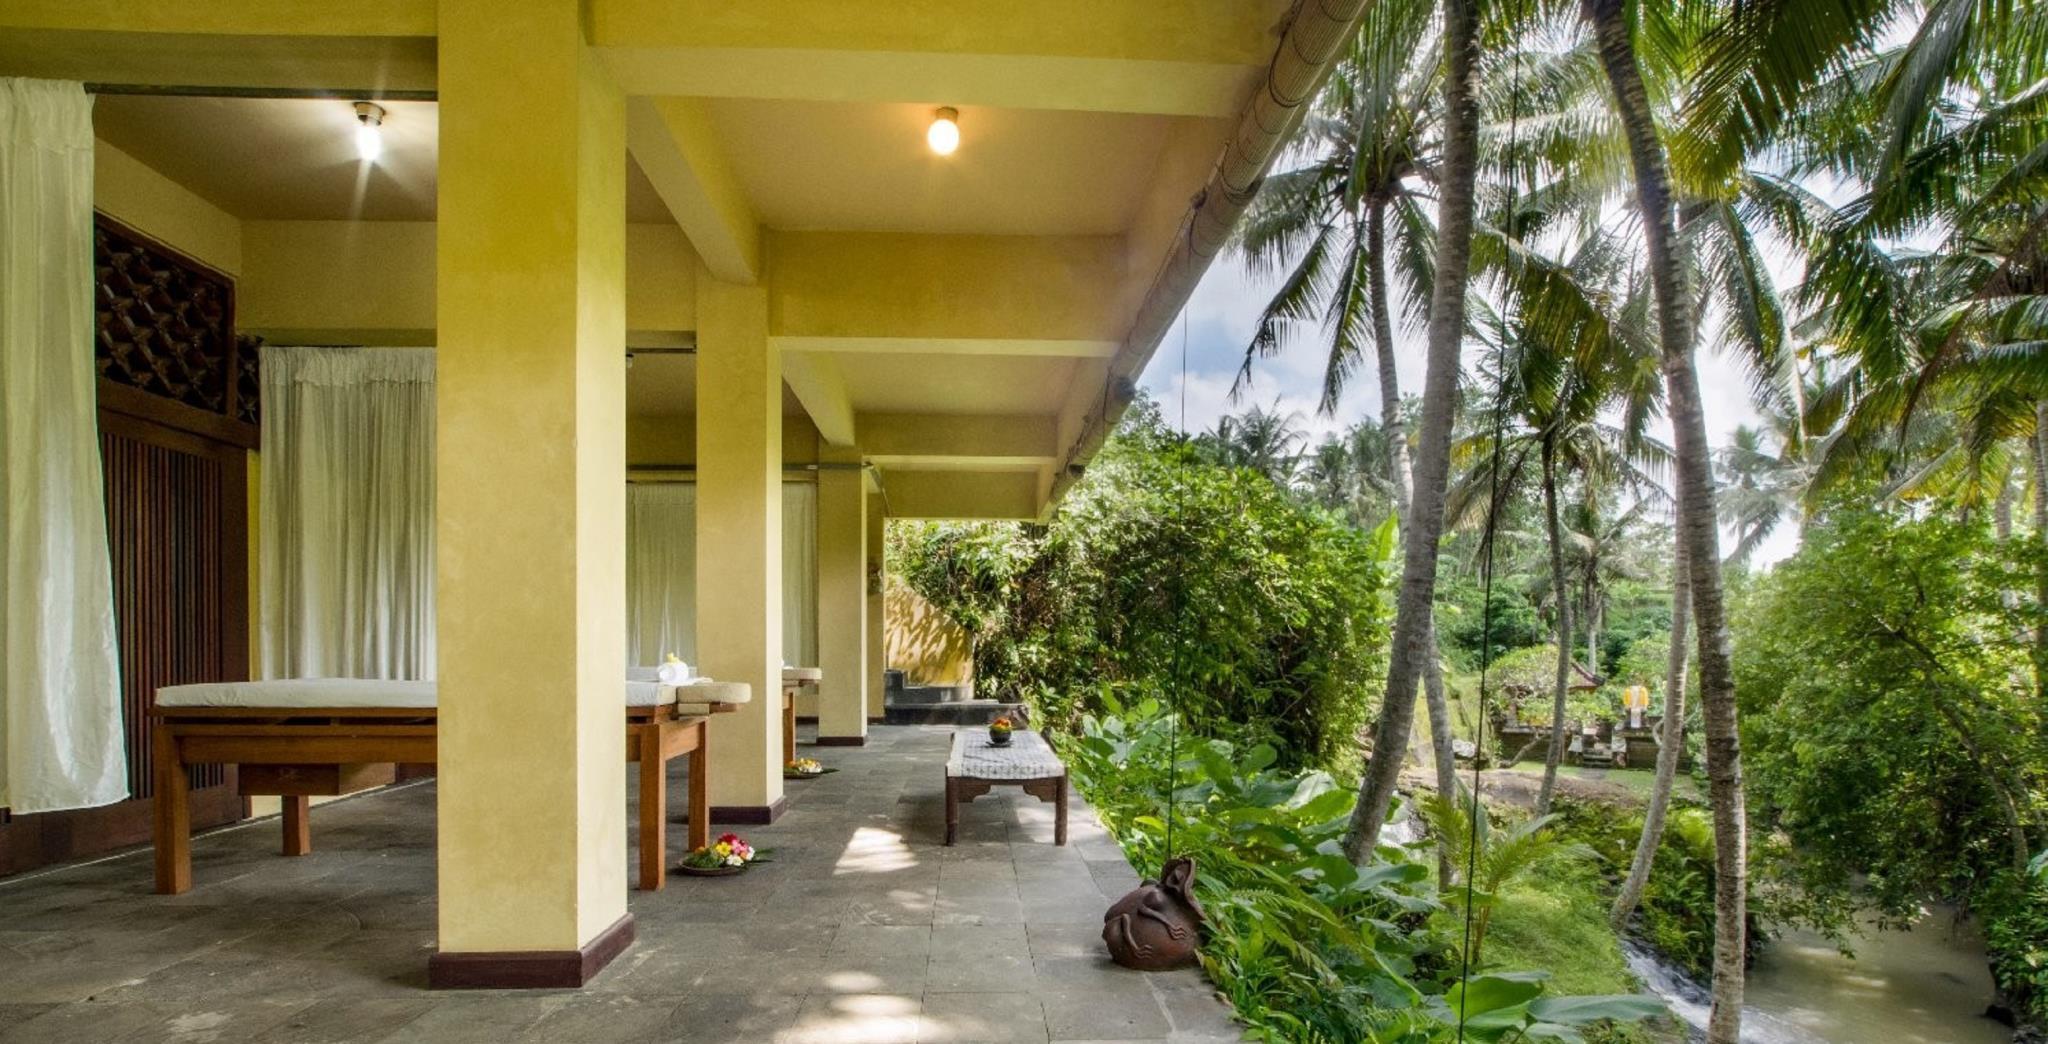 The Bali Purnati Center For The Arts, Gianyar